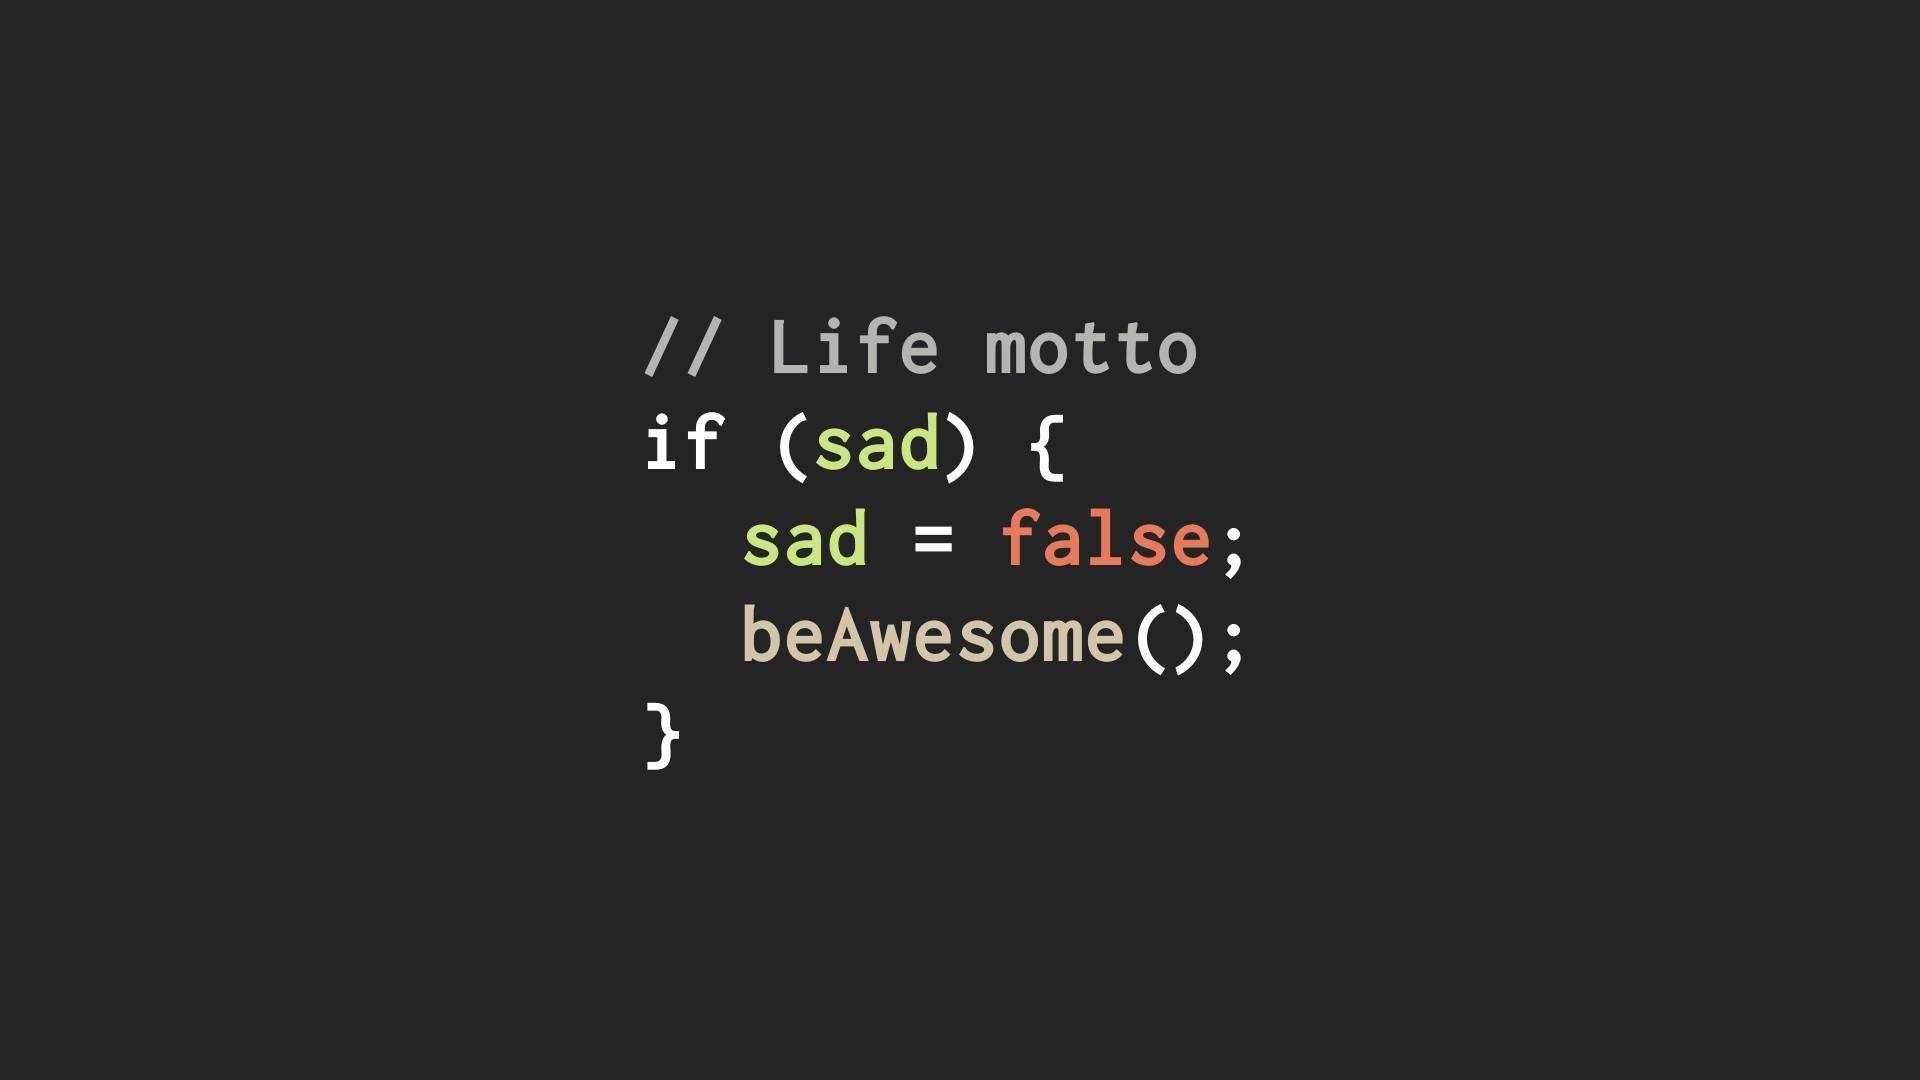 开源代码上新!6 份最新「Paper + Code」 | PaperDaily #17